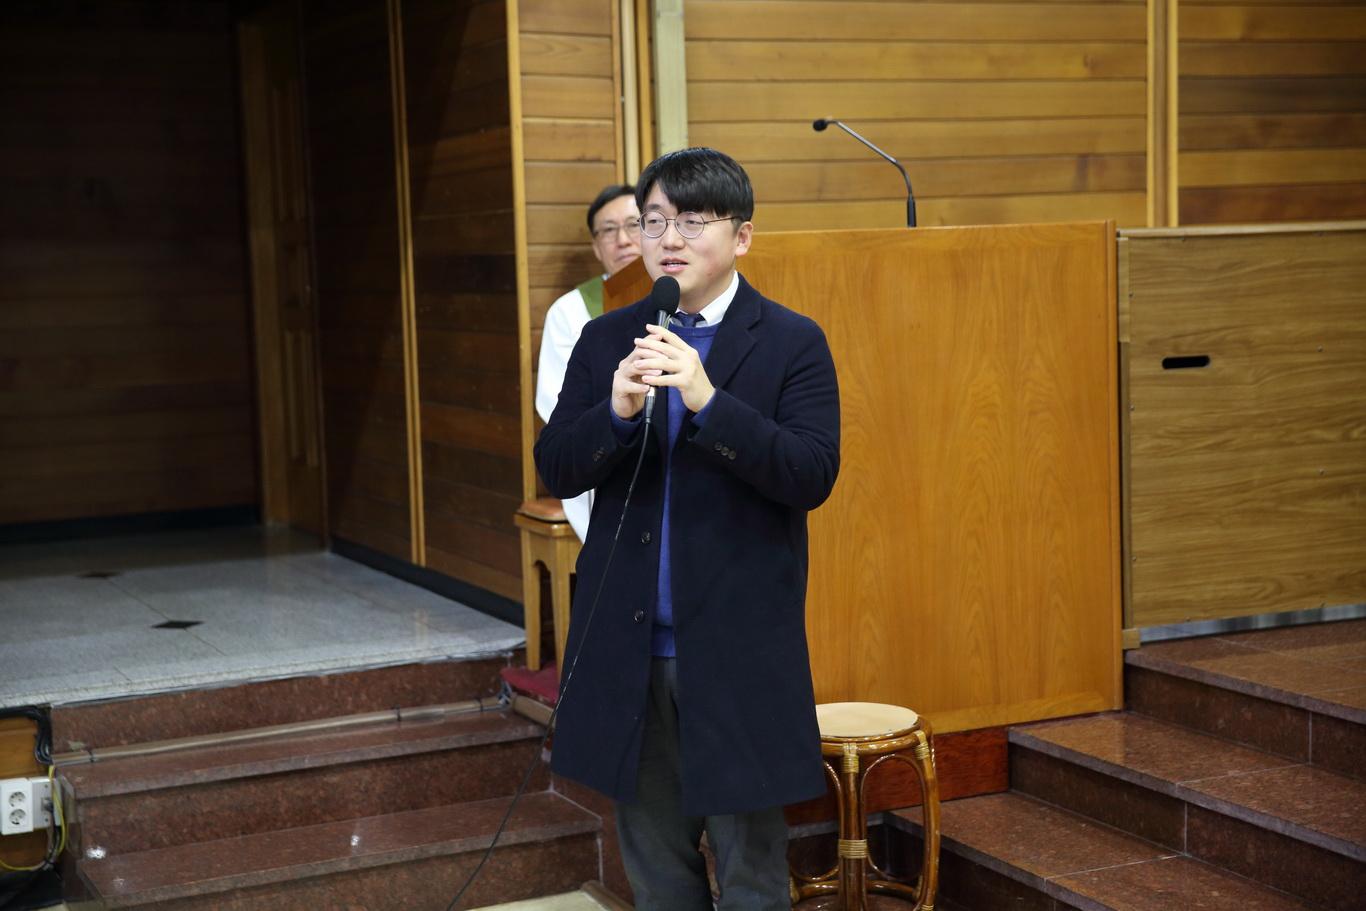 2020-01-19 김동관 사도요한 예수회 입회 (1)_크기변경.JPG